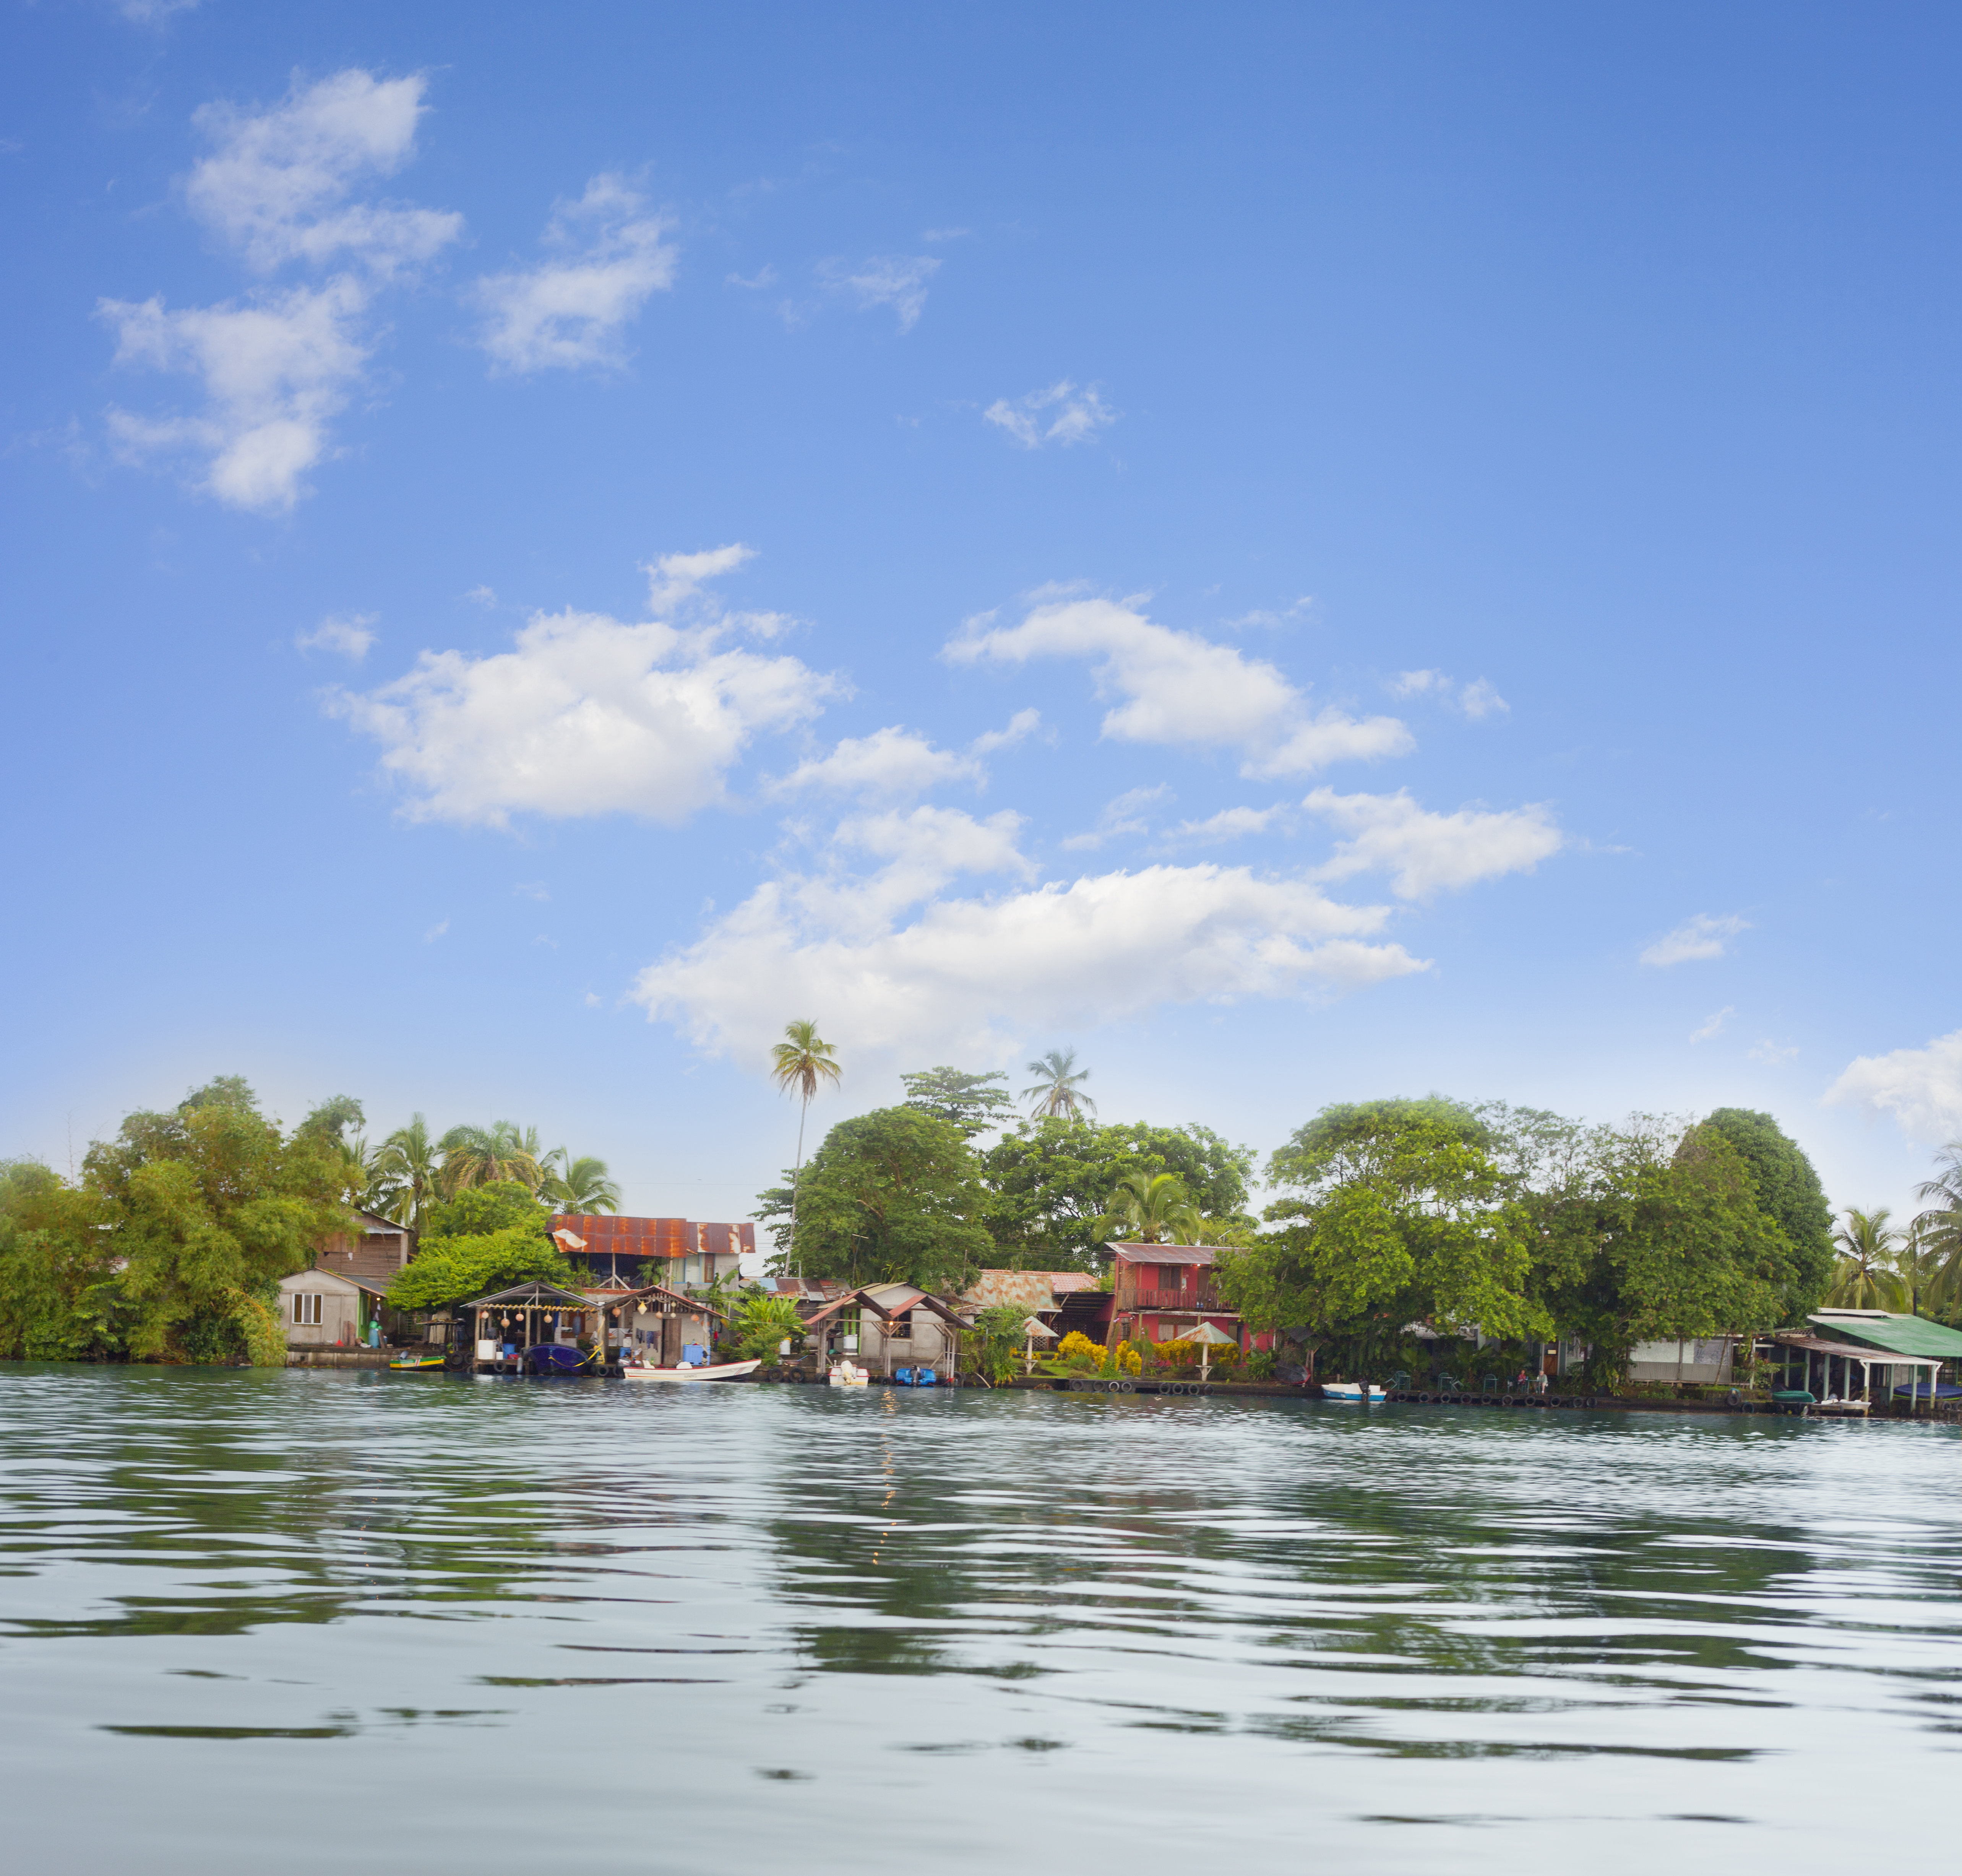 El pueblo aislado donde parió Mina - Costa Rica Gran Viaje Costa Rica Indispensable y Guanacaste